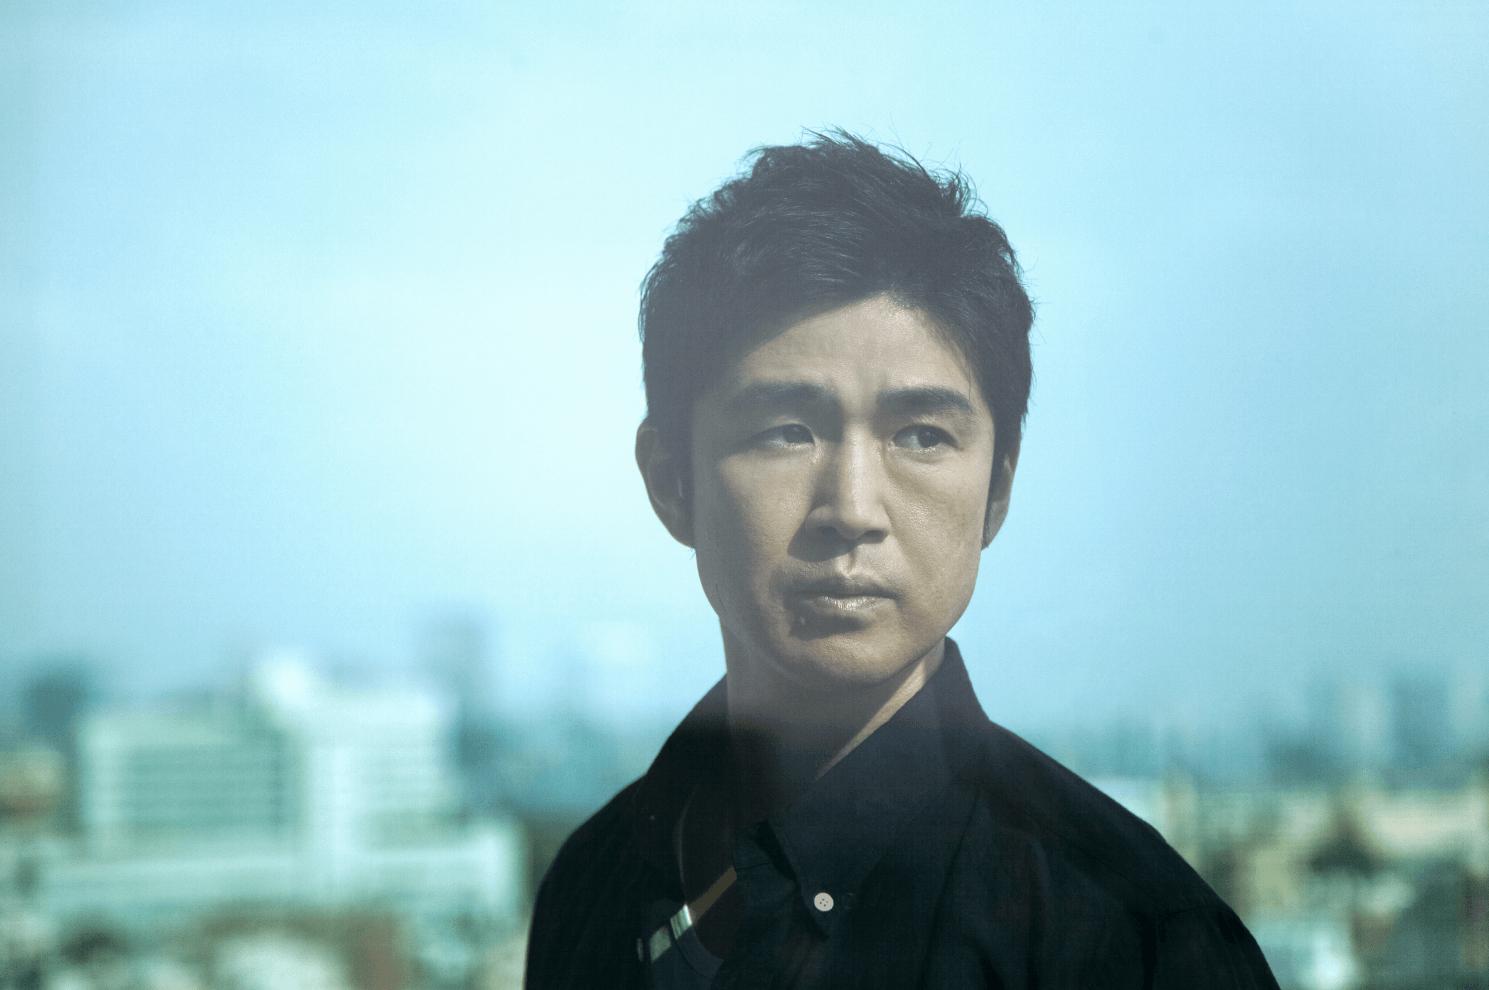 藤巻亮太、配信リリースの新曲「Heroes」コラージュアートを用いたジャケット写真が公開サムネイル画像